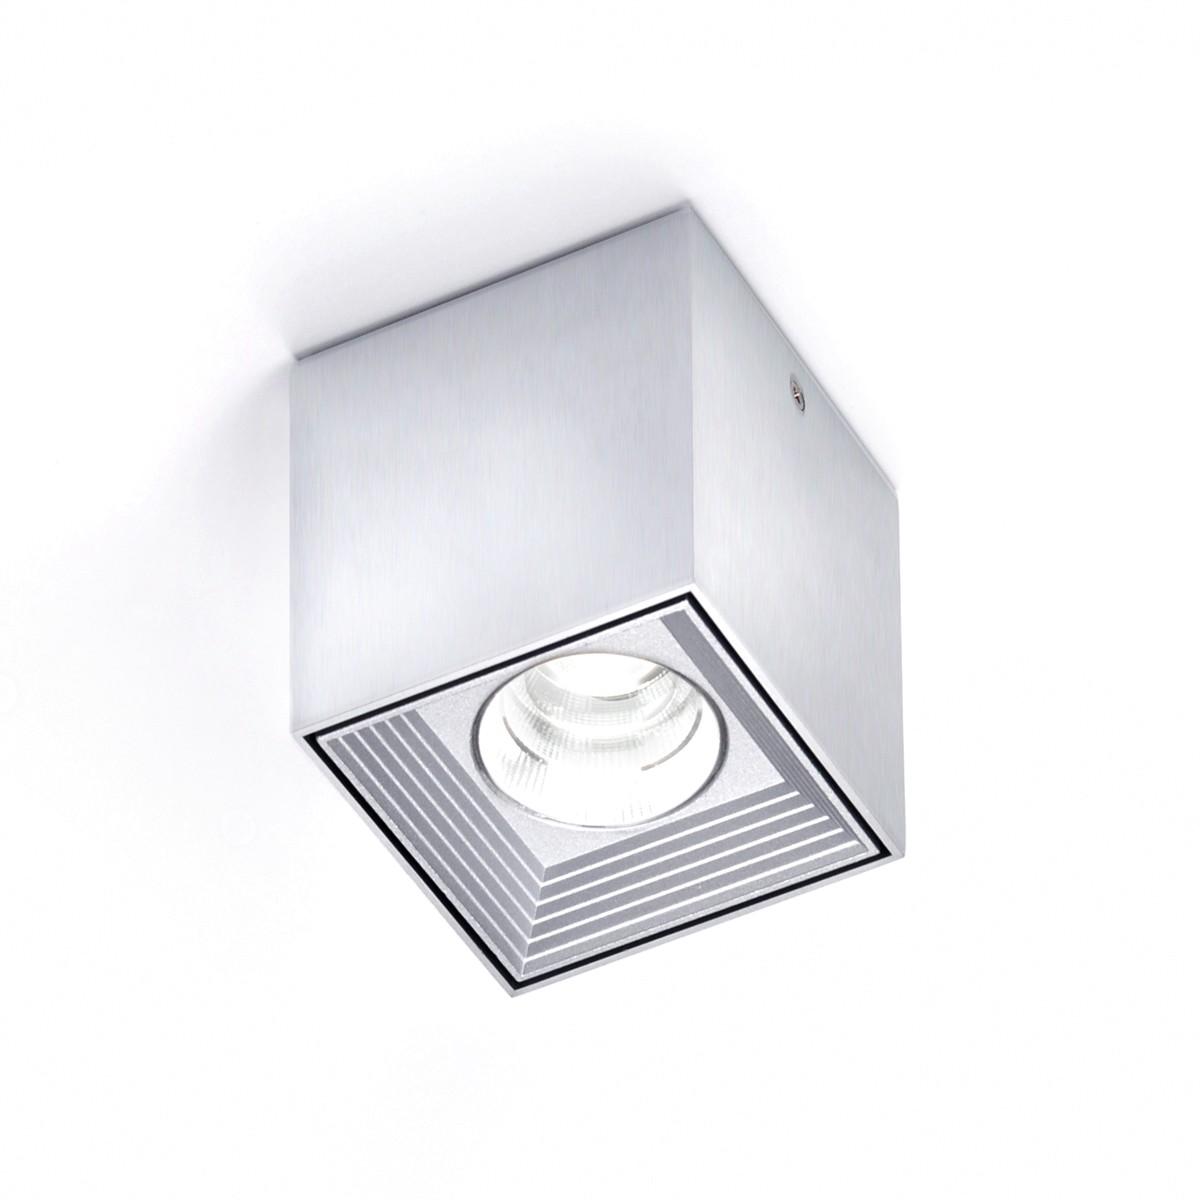 Milan Dau Spot LED Deckenstrahler, 1. Generation, Aluminium gebürstet